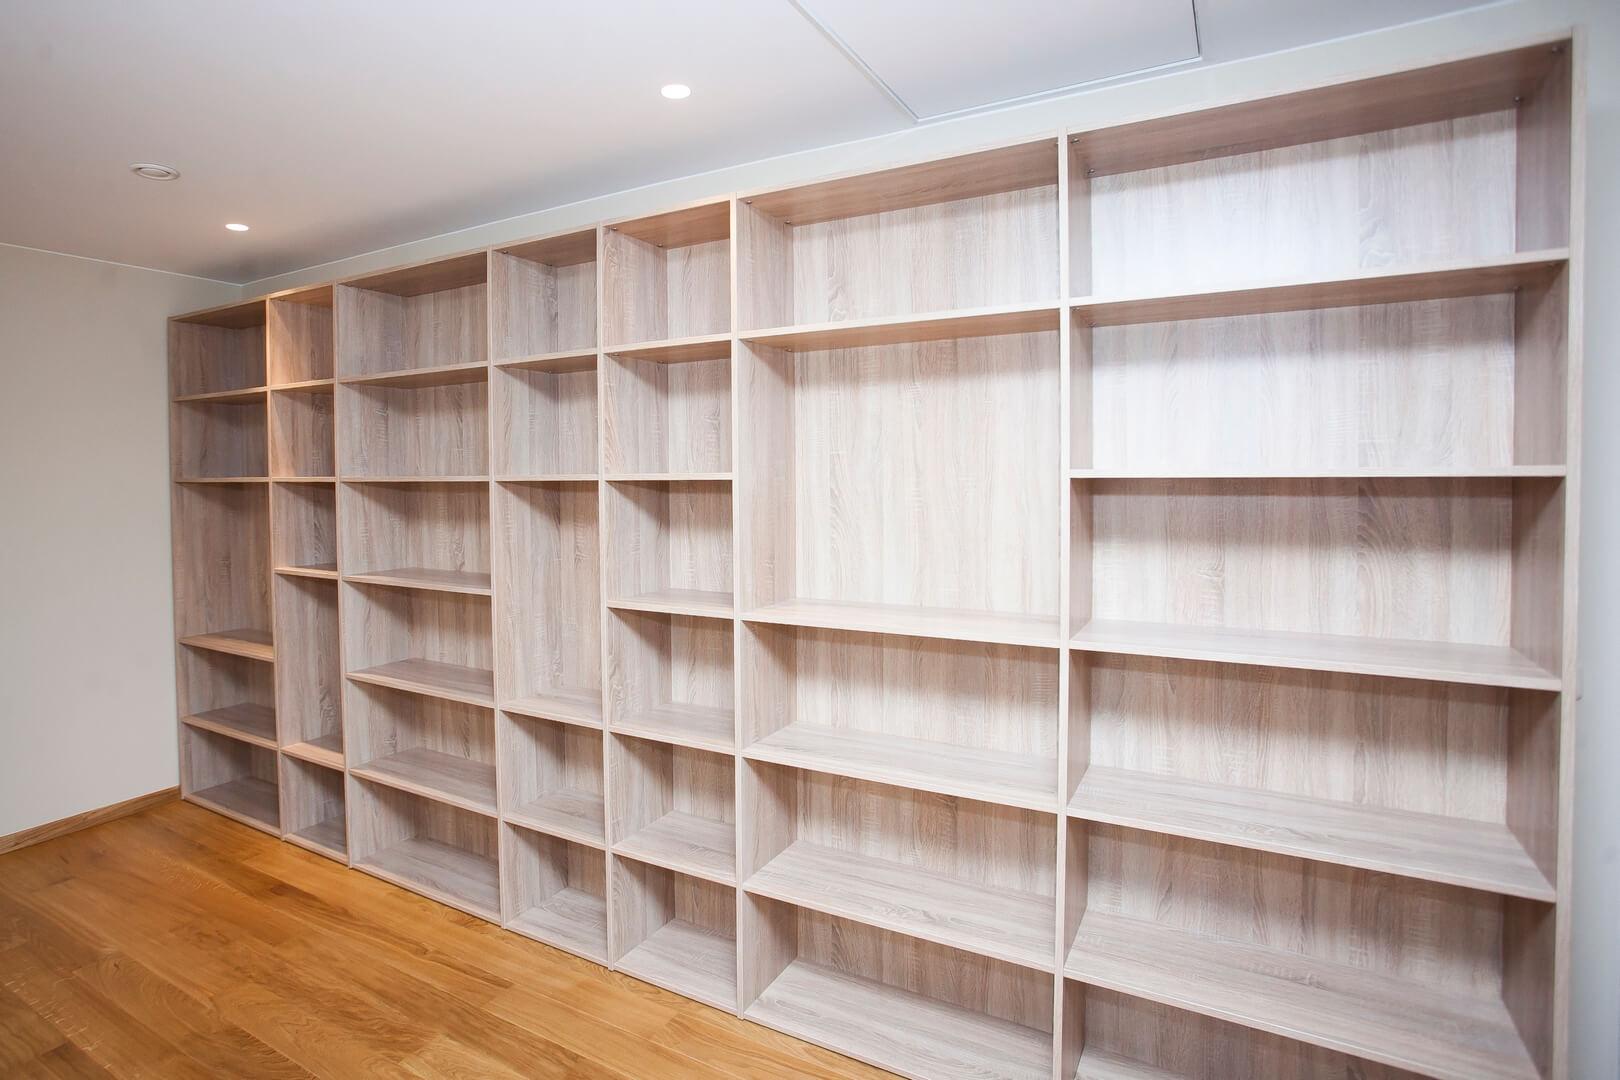 Wnętrze drewnianej szafy rozciągniętej na całą długość ściany w pokoju